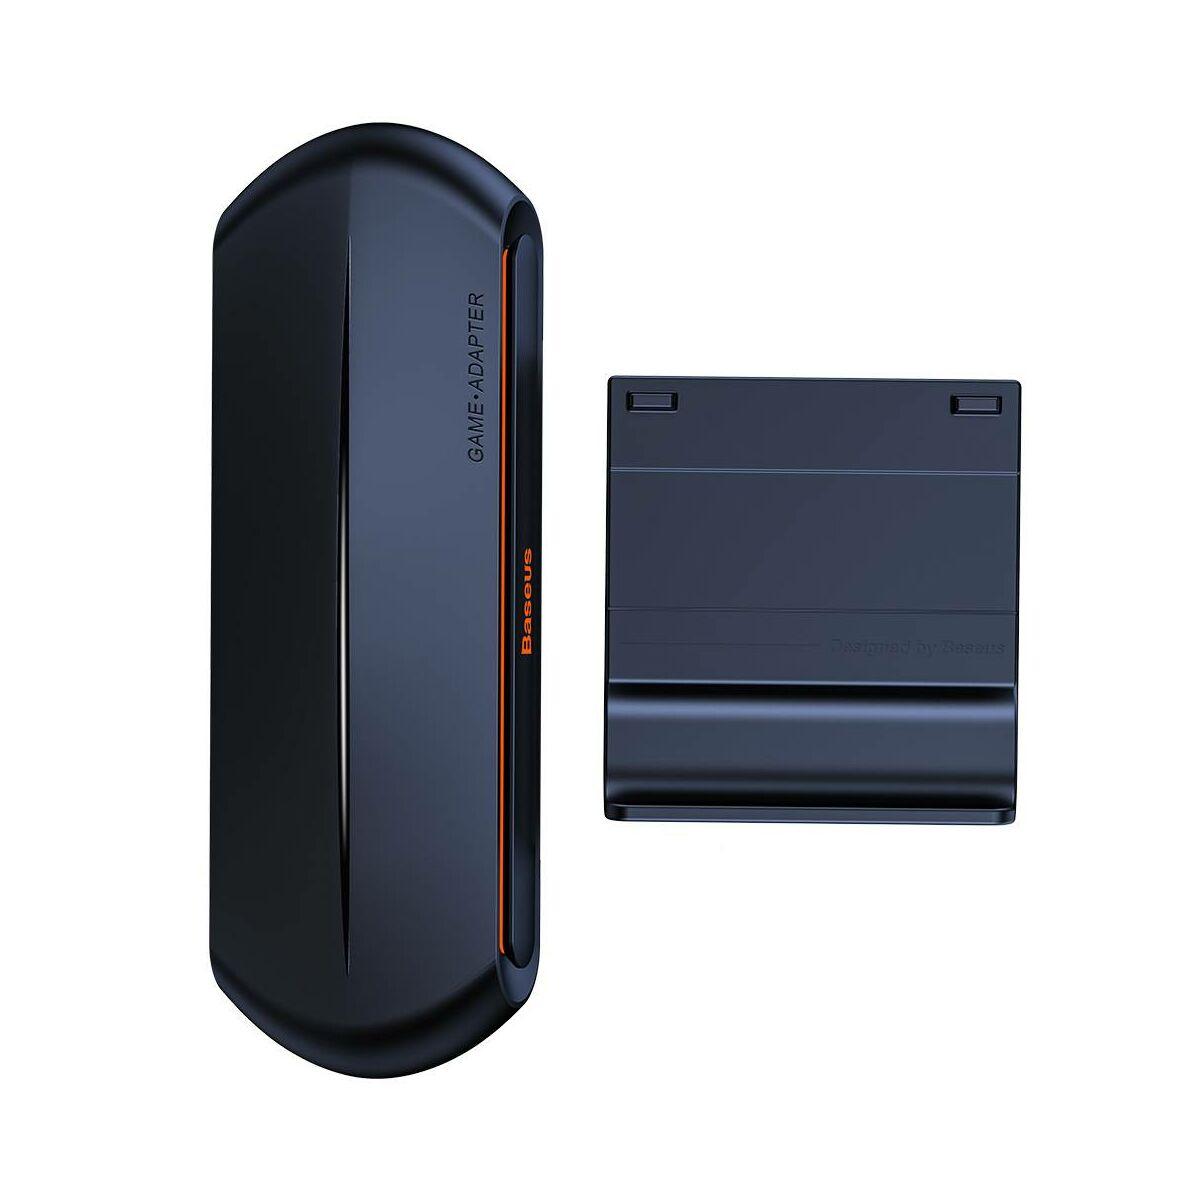 Baseus játék eszköz, Gamo Tool Mobile Game Adapter 2xUSB HUB GA01 billentyűzet és egérhez, fekete (GMGA01-01)